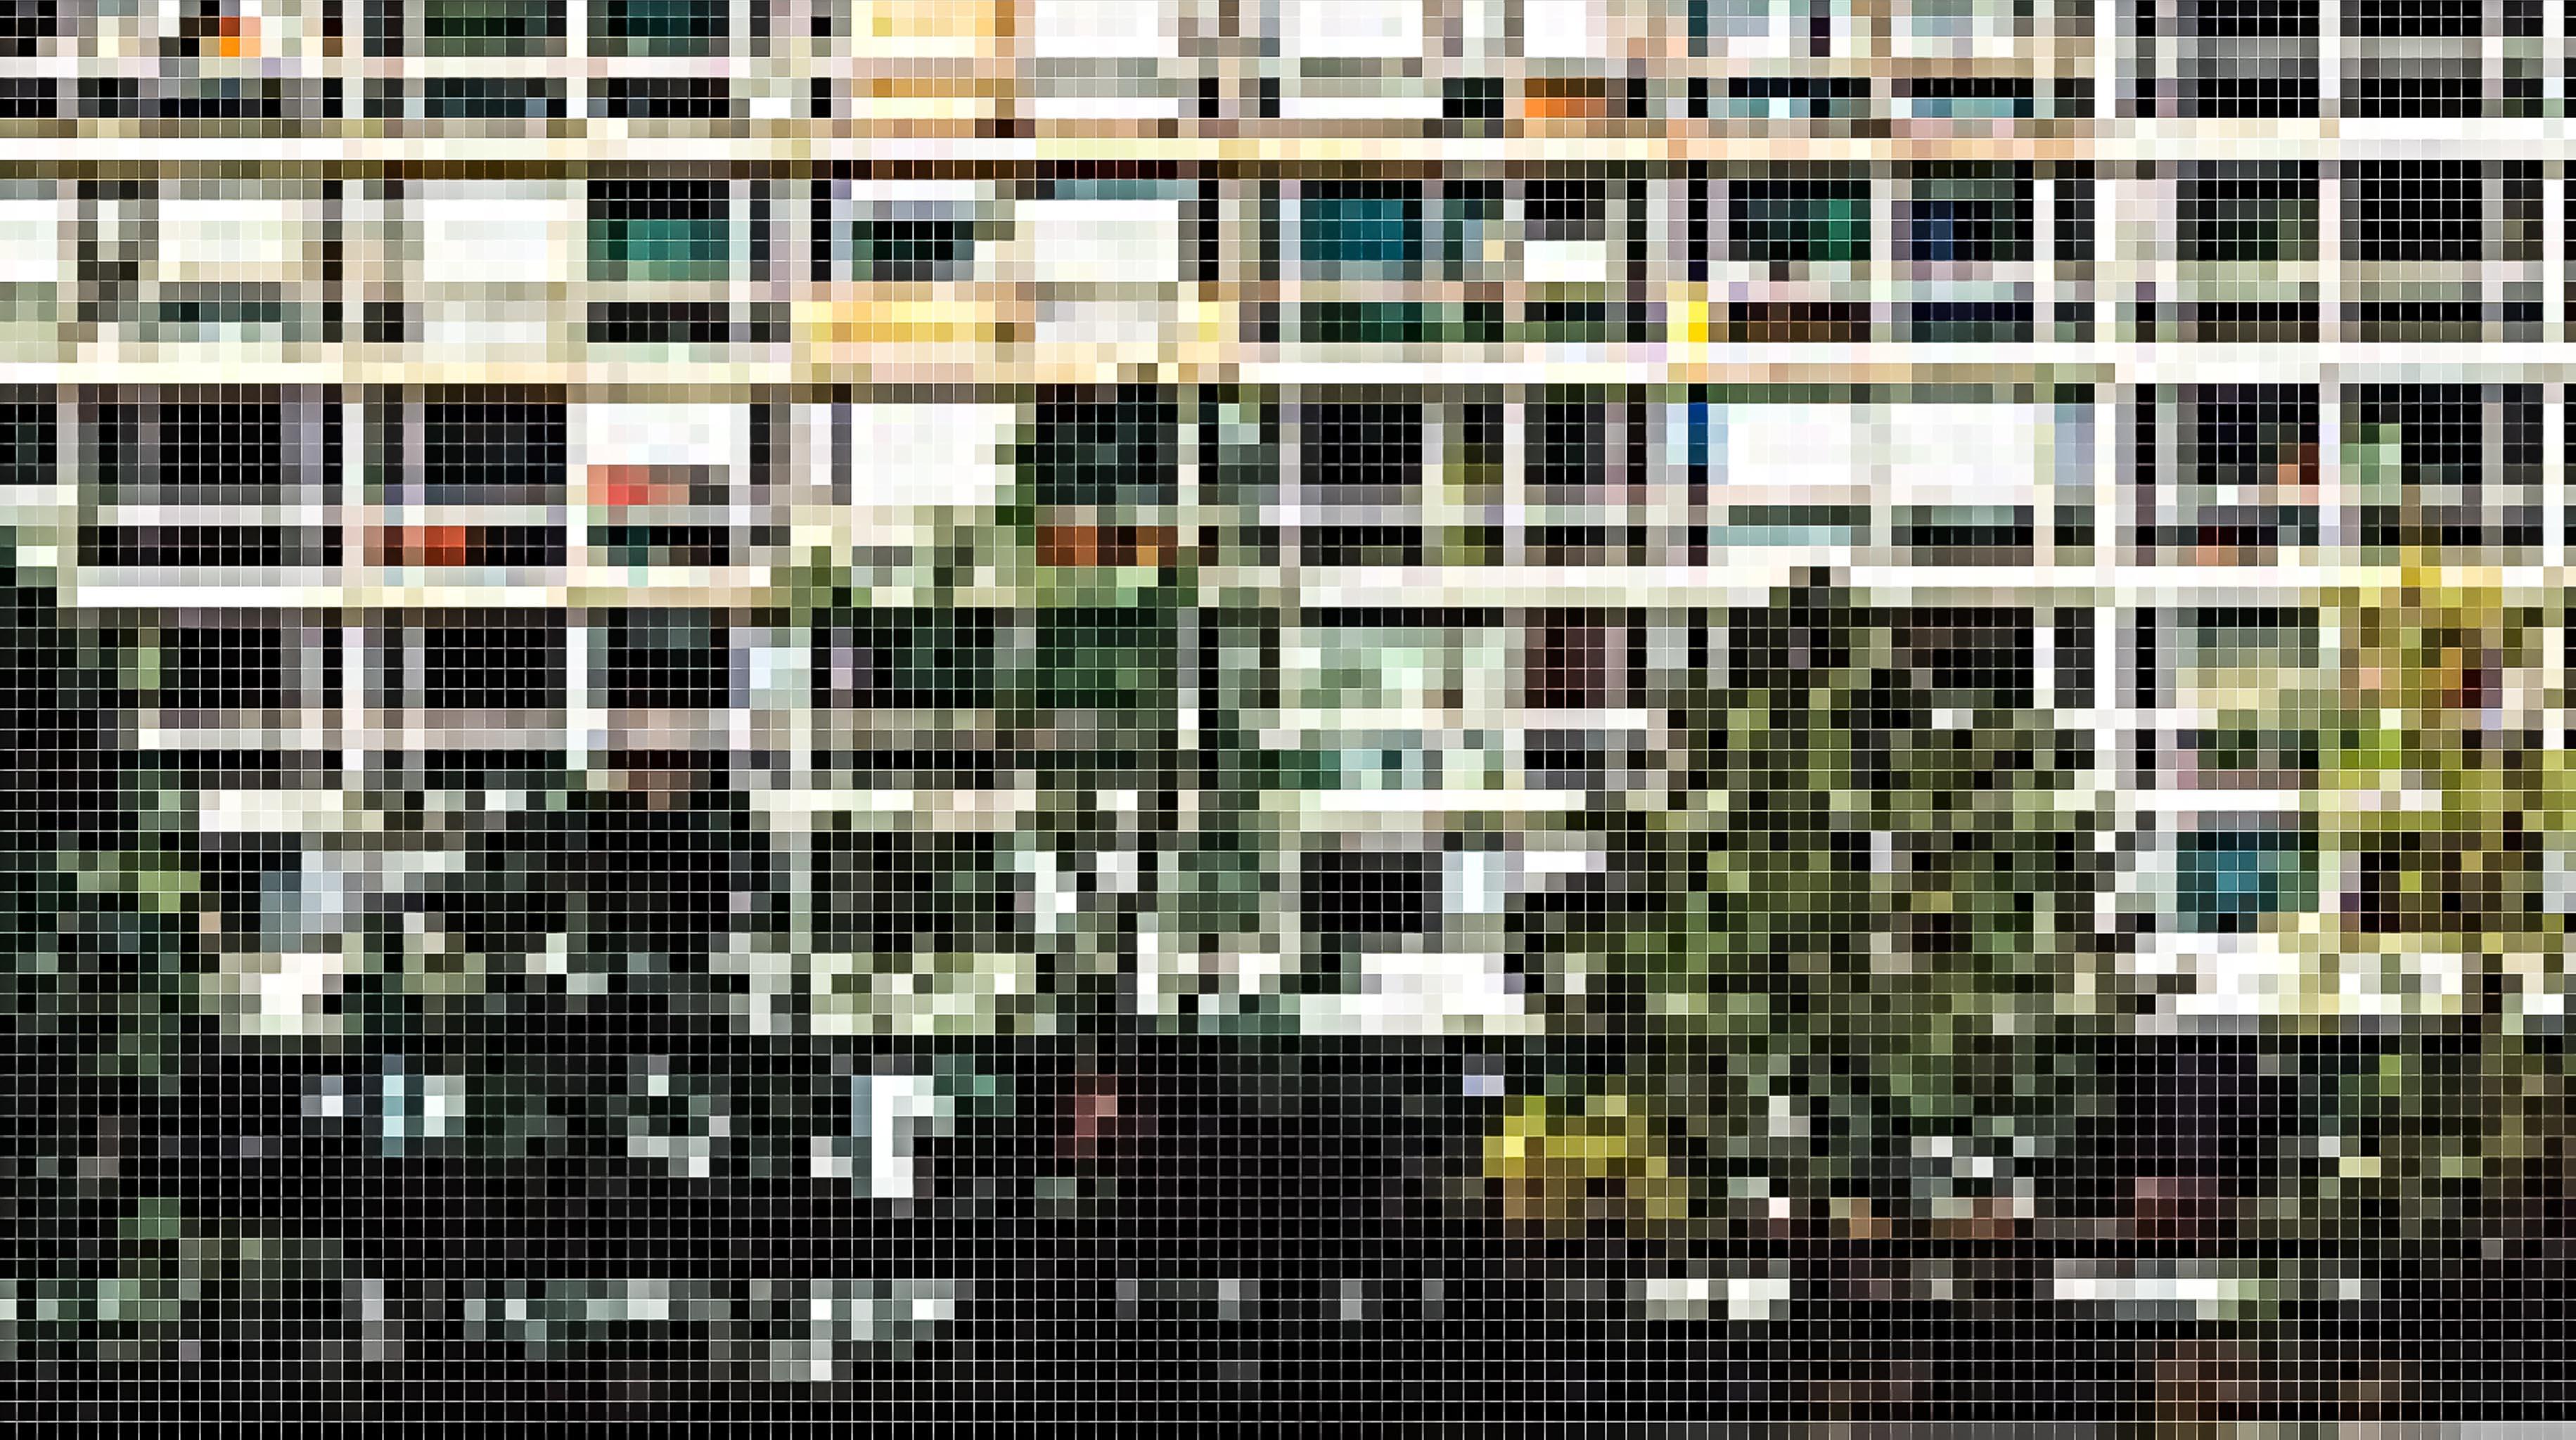 La vivienda - Jairo A Llano fine art photographer